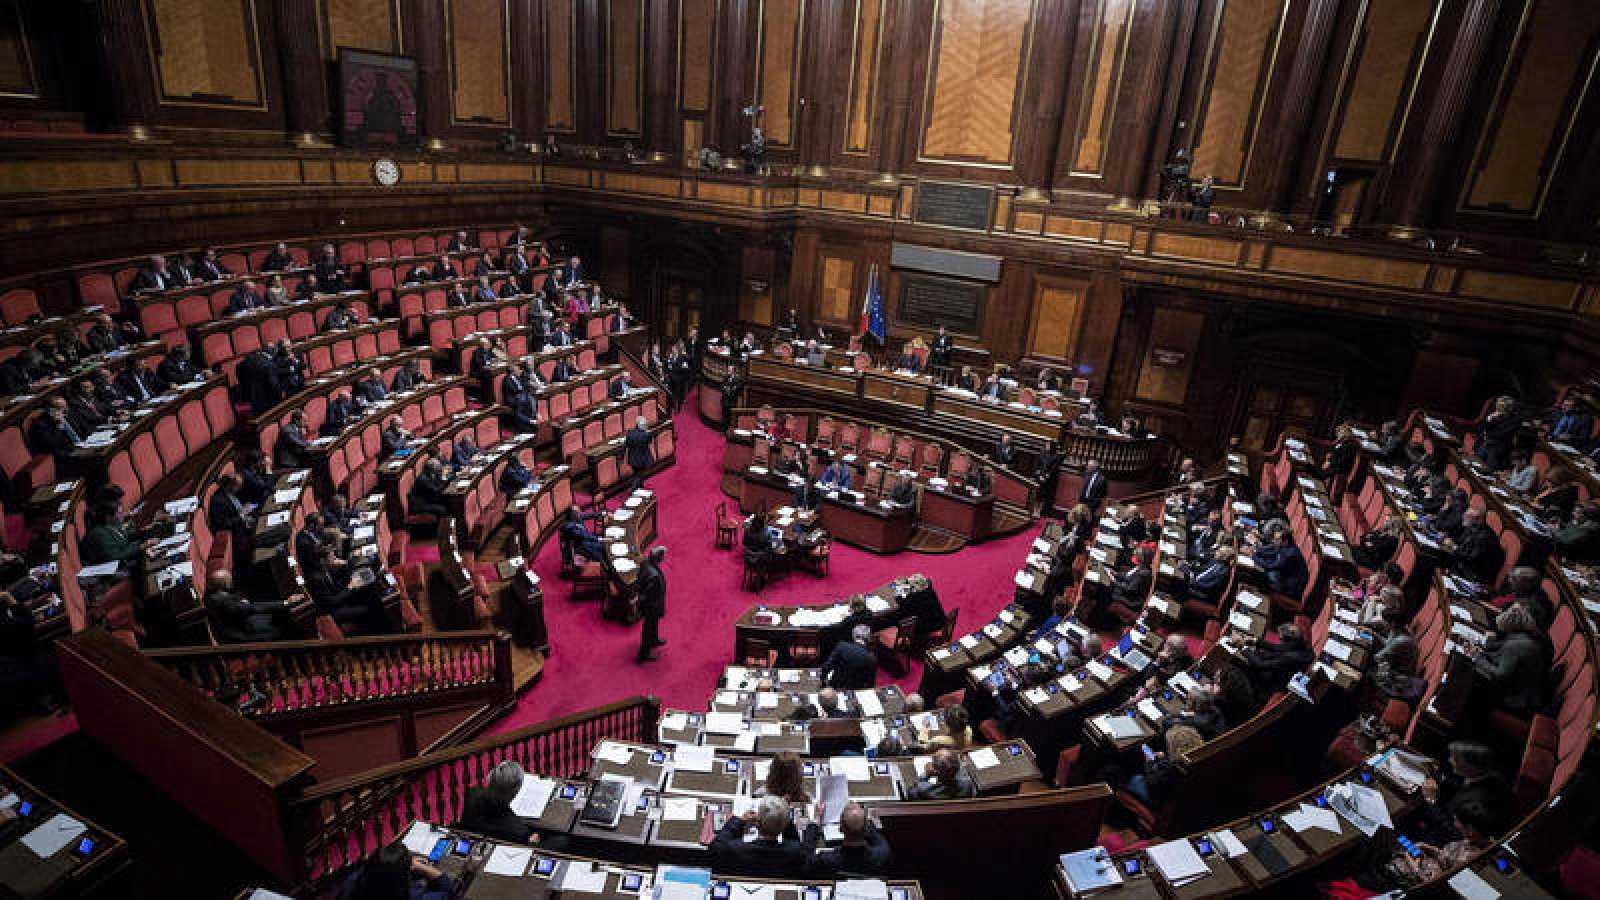 Vista general del Senado italiano durante la votación de la nueva ley electoral